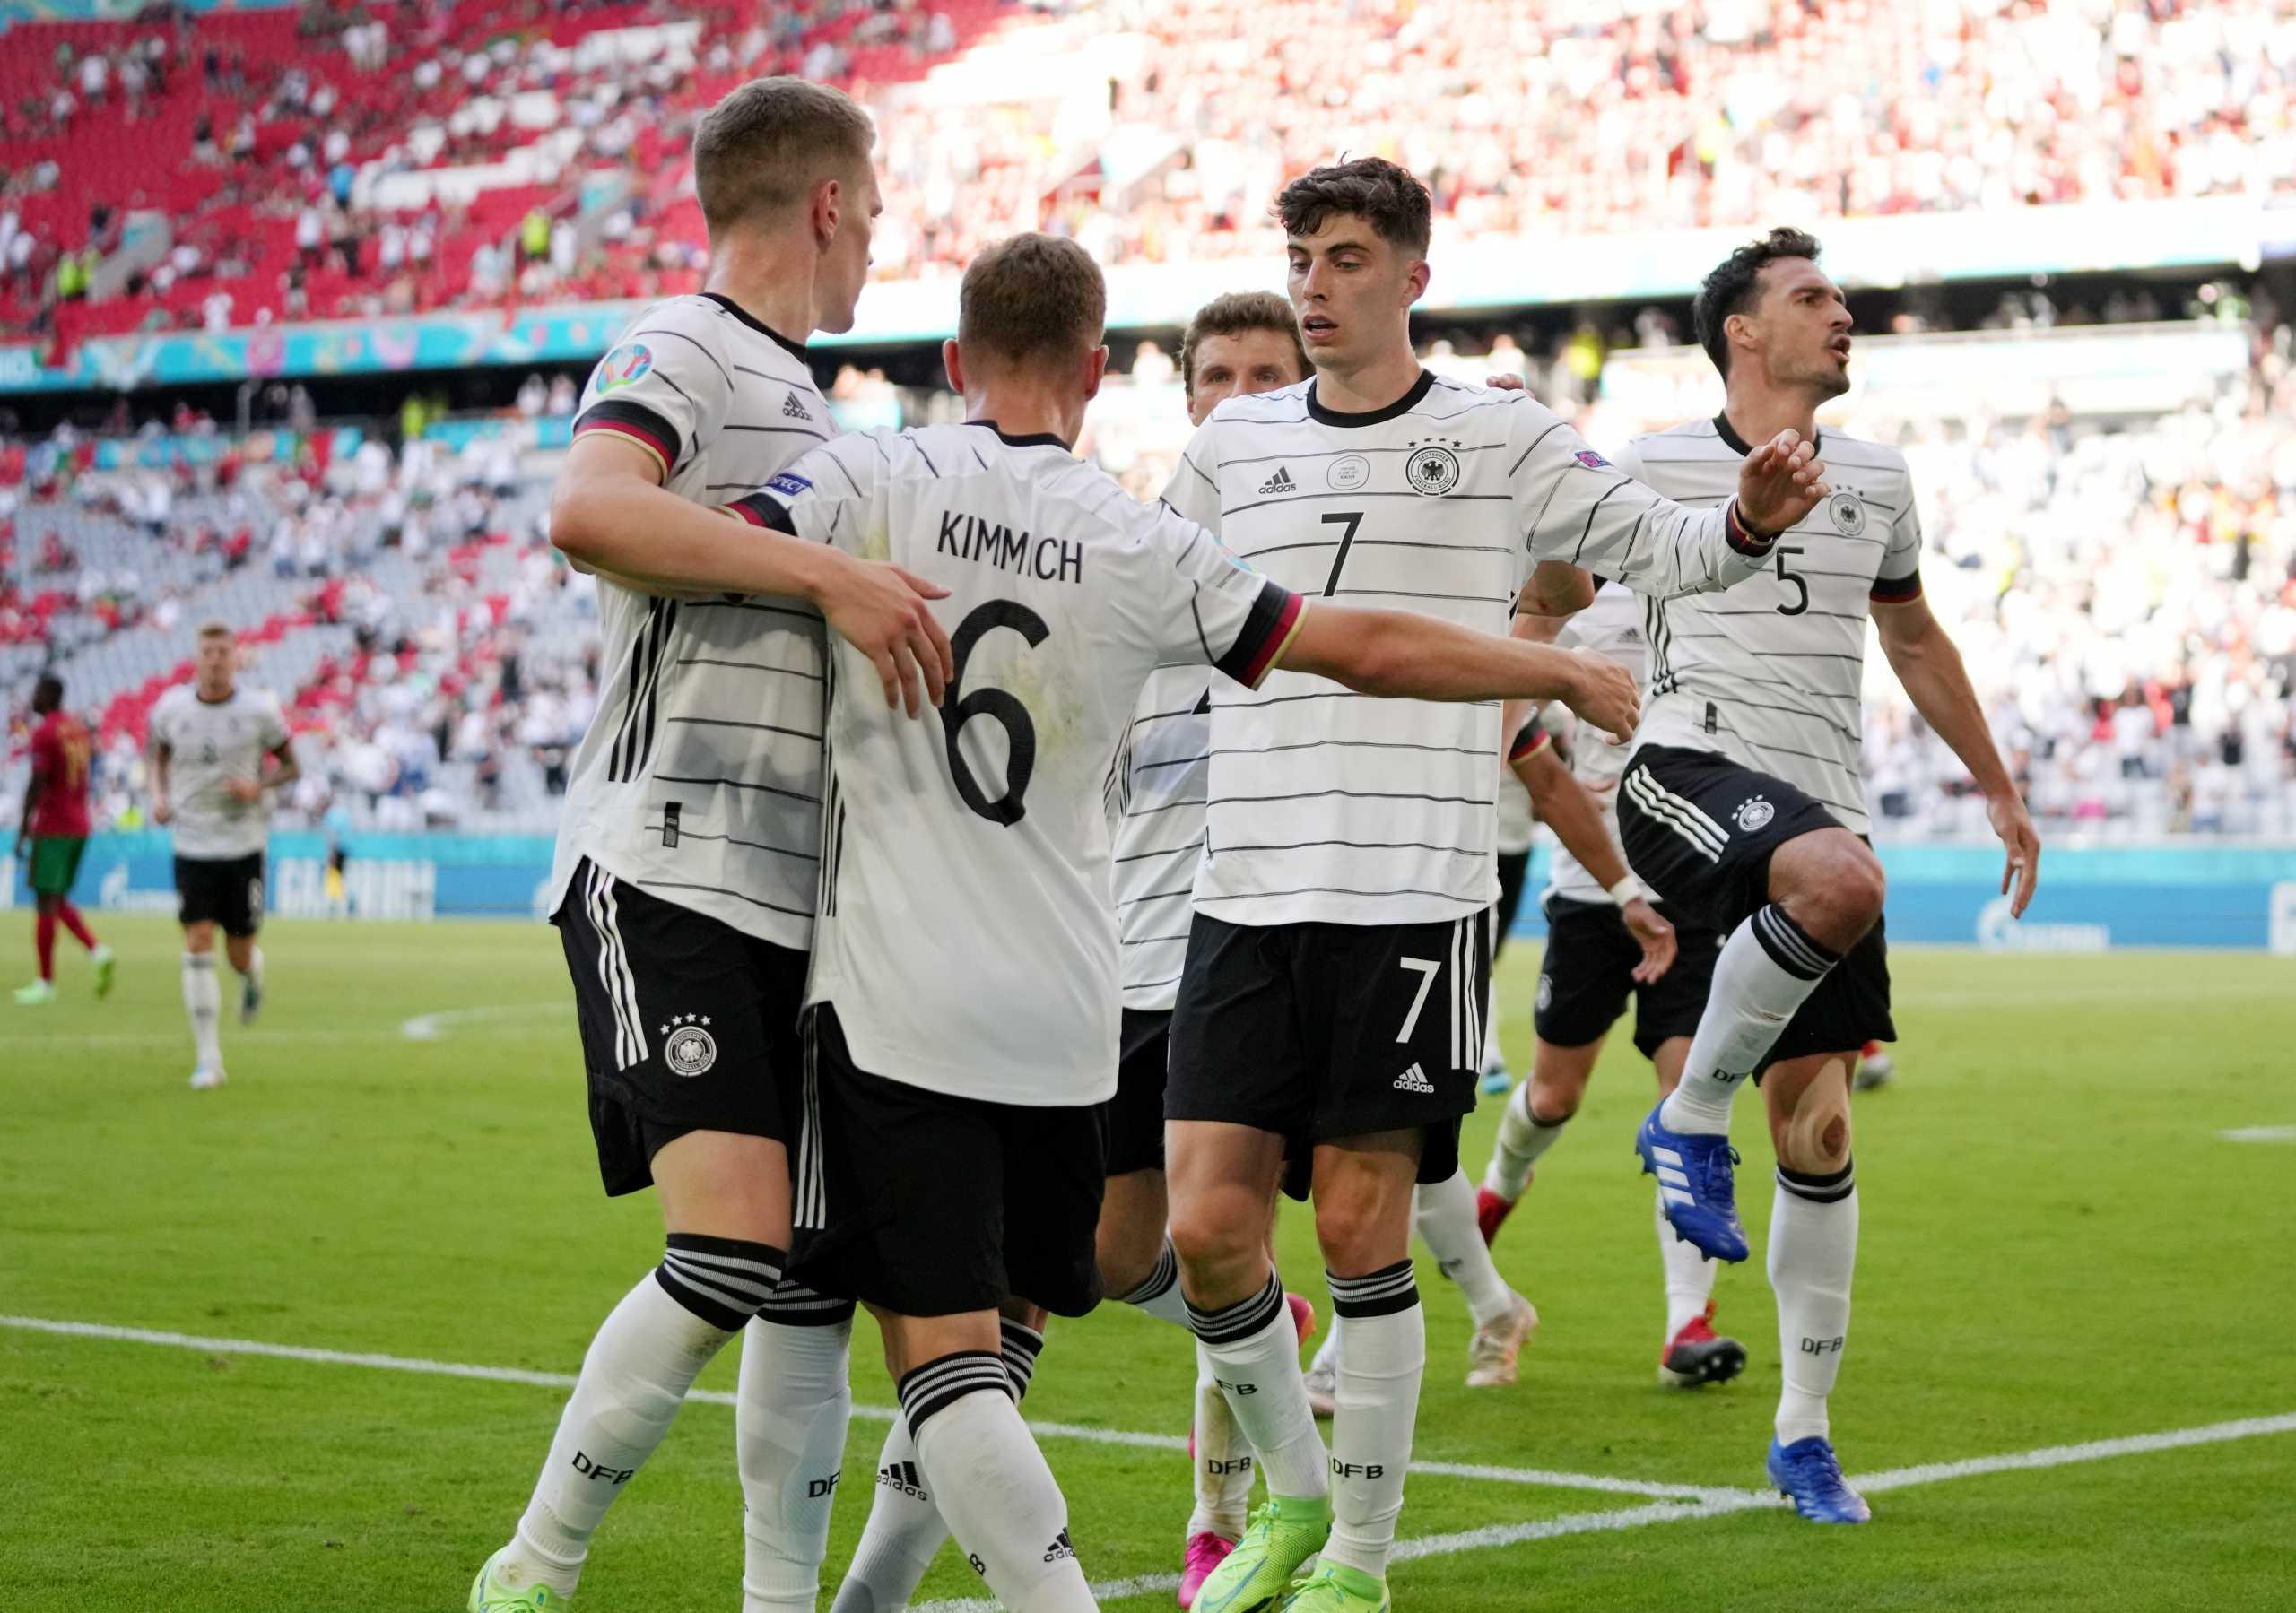 Euro 2020, Πορτογαλία – Γερμανία: Απίθανα πράγματα με δύο αυτογκόλ